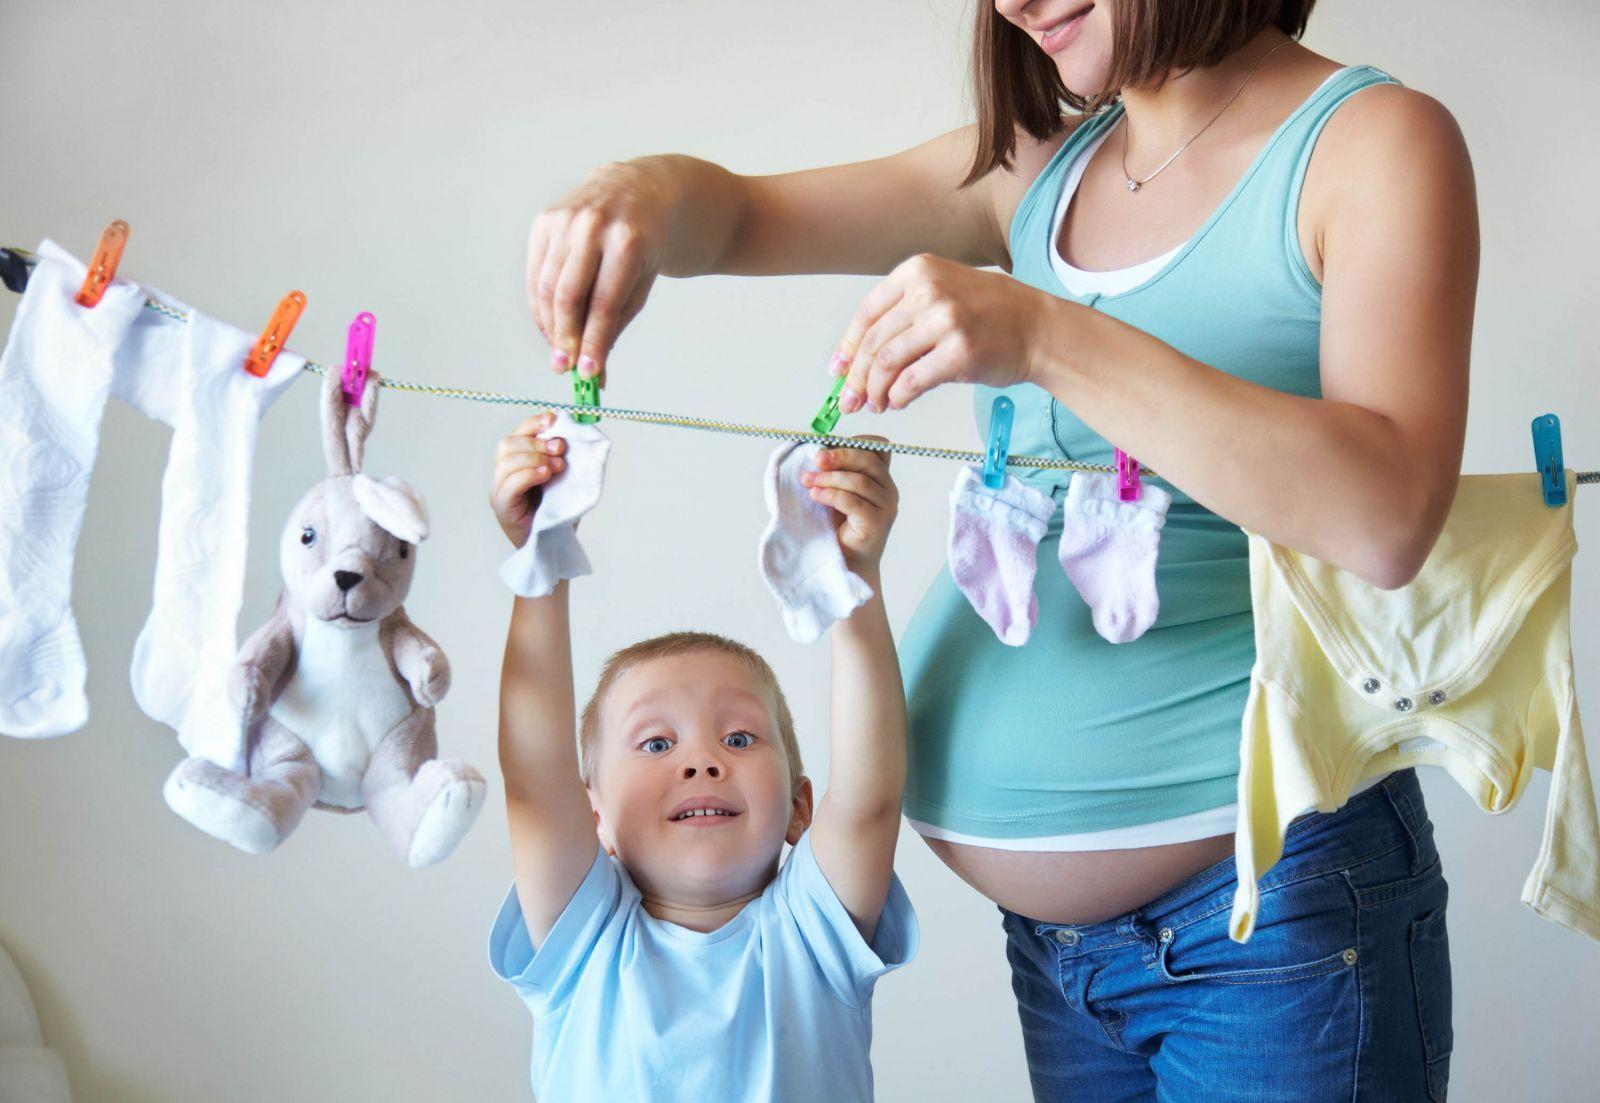 Как отбелить детские вещи в домашних условиях?